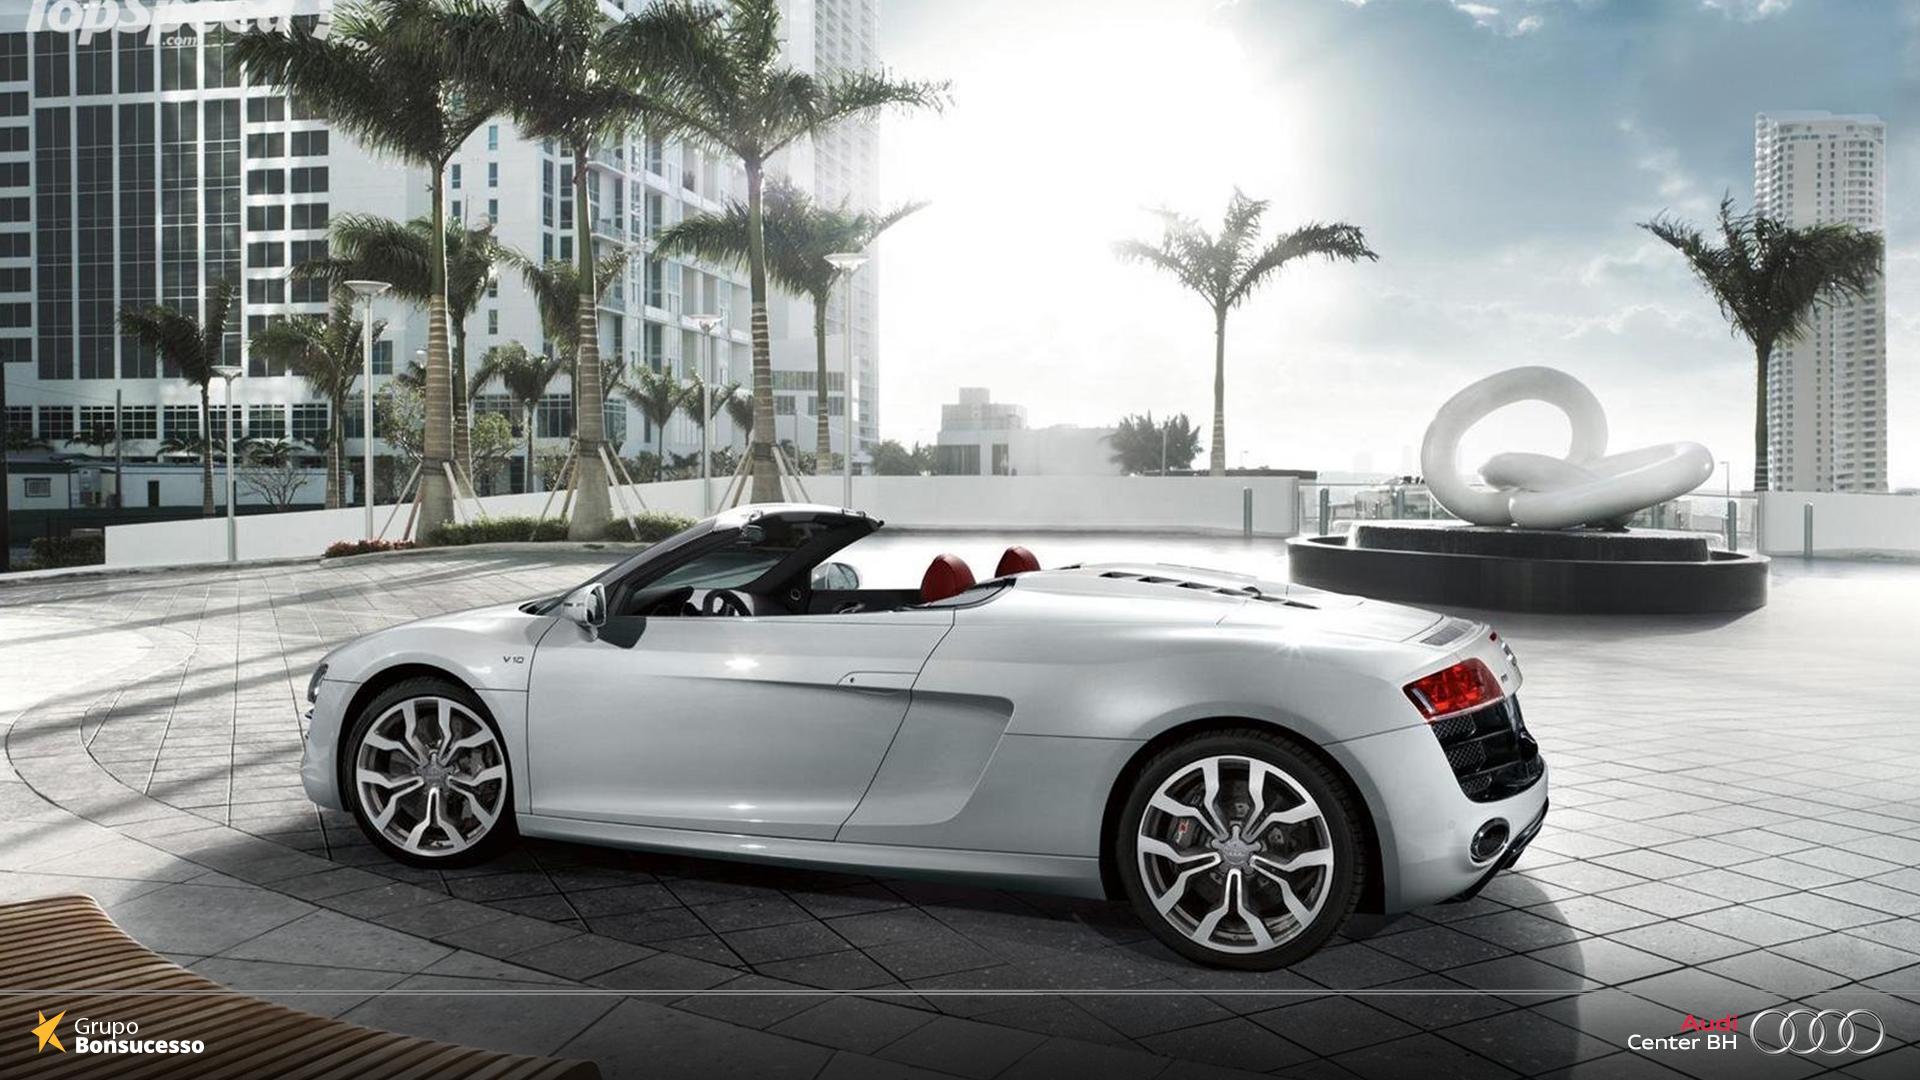 O que já era sensacional, agora tem uma versão ainda mais arrojada. Conheça o Audi R8 Spyder eprepare-se para a liberdade.  #Audi #AudiLovers #Love #AudiAutomóvel #AudiCenterBH #AudiR8Spyder #R8 #Spyder #R8Spyder